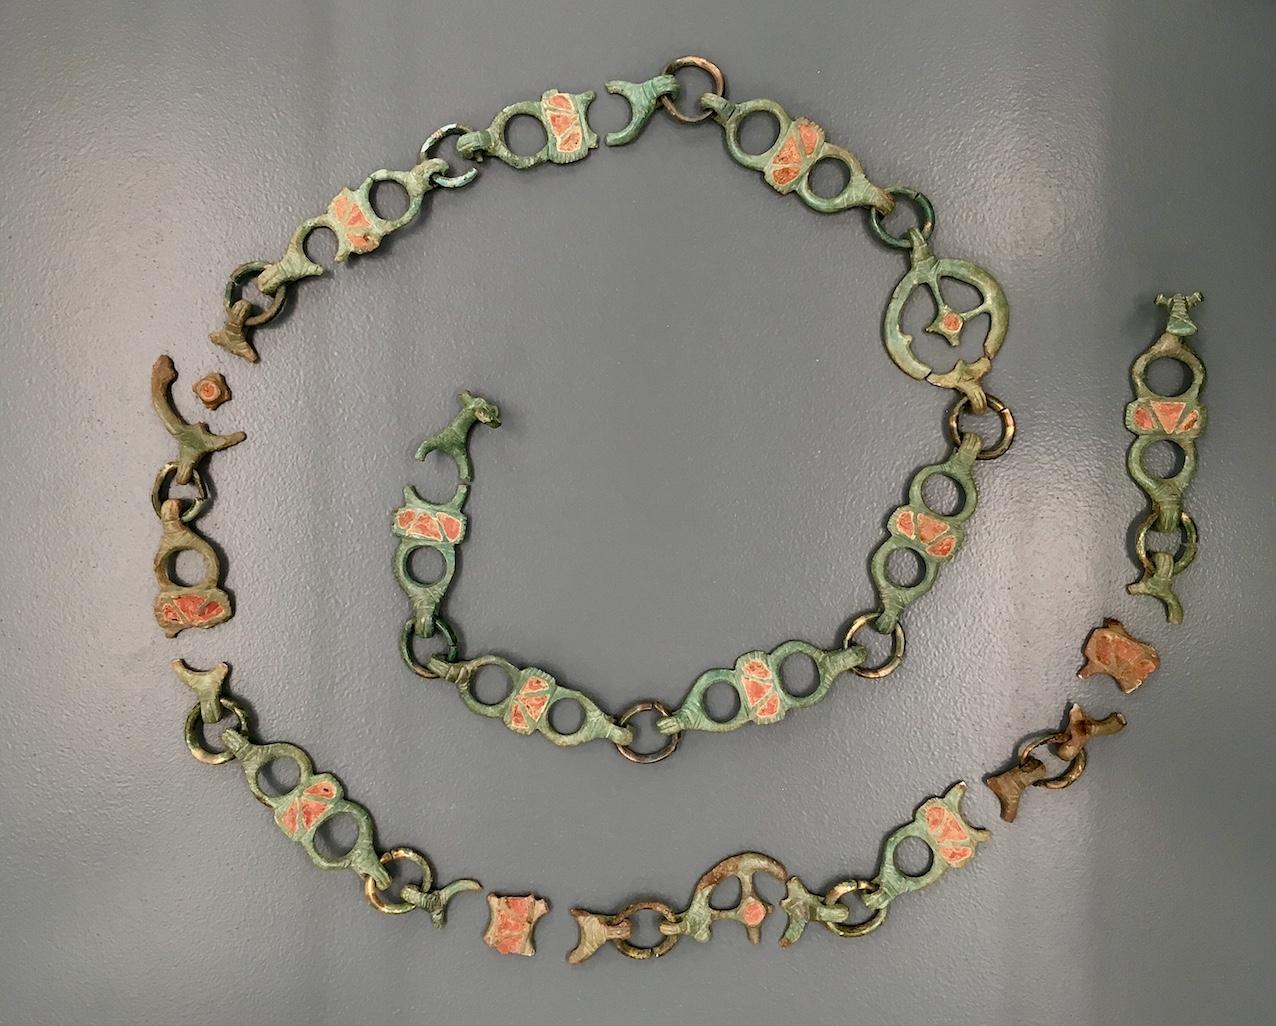 Cette ceinture d'apparat gauloise figure parmi les belles pièces découvertes à Thuin par les archéologues de l'ULB.